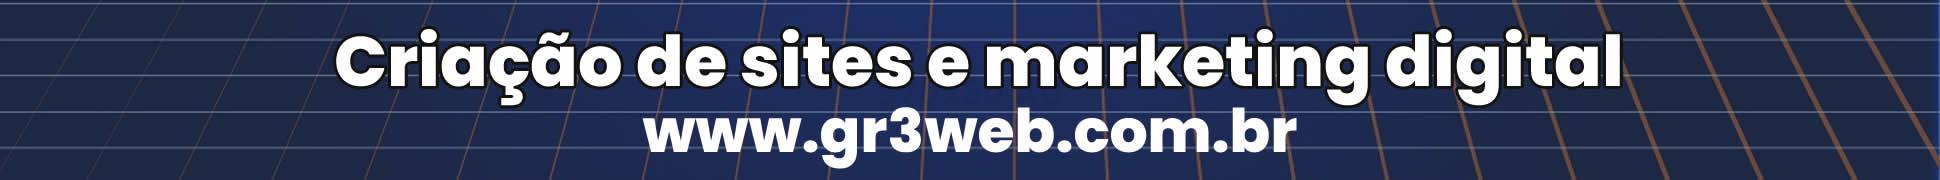 Agência de criação de site